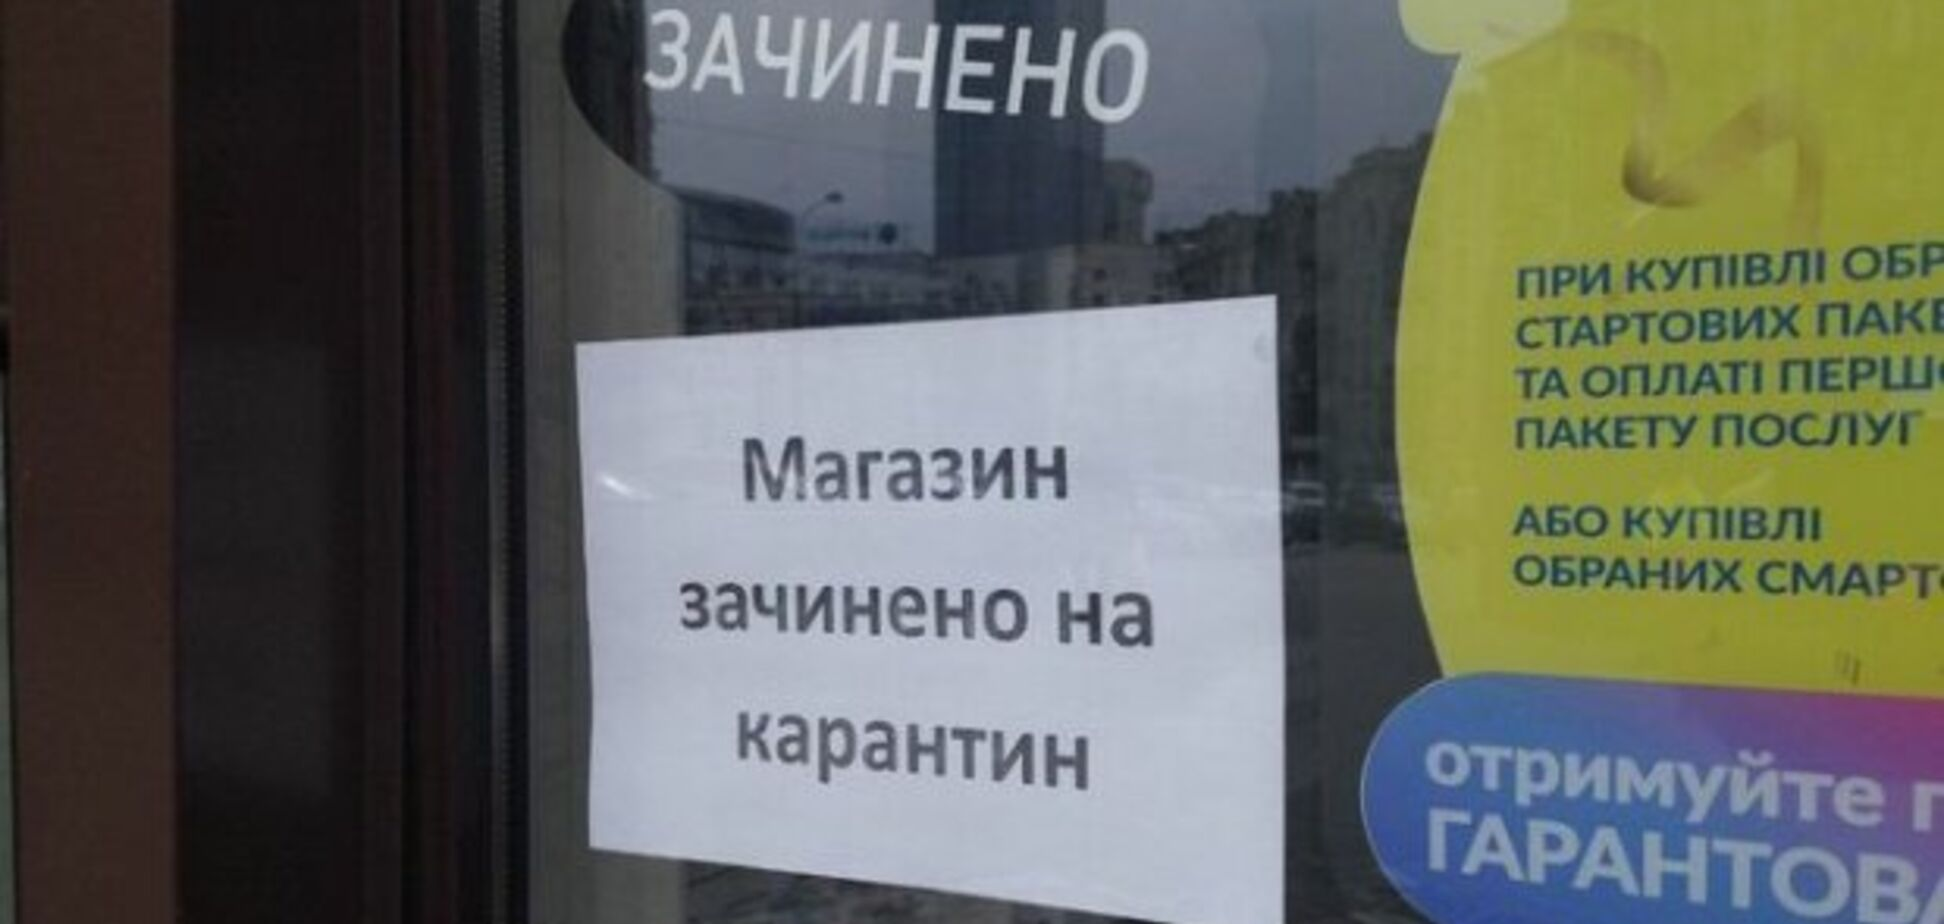 'Всі будуть на вулиці!' Український підприємець передбачив загибель бізнесу в країні